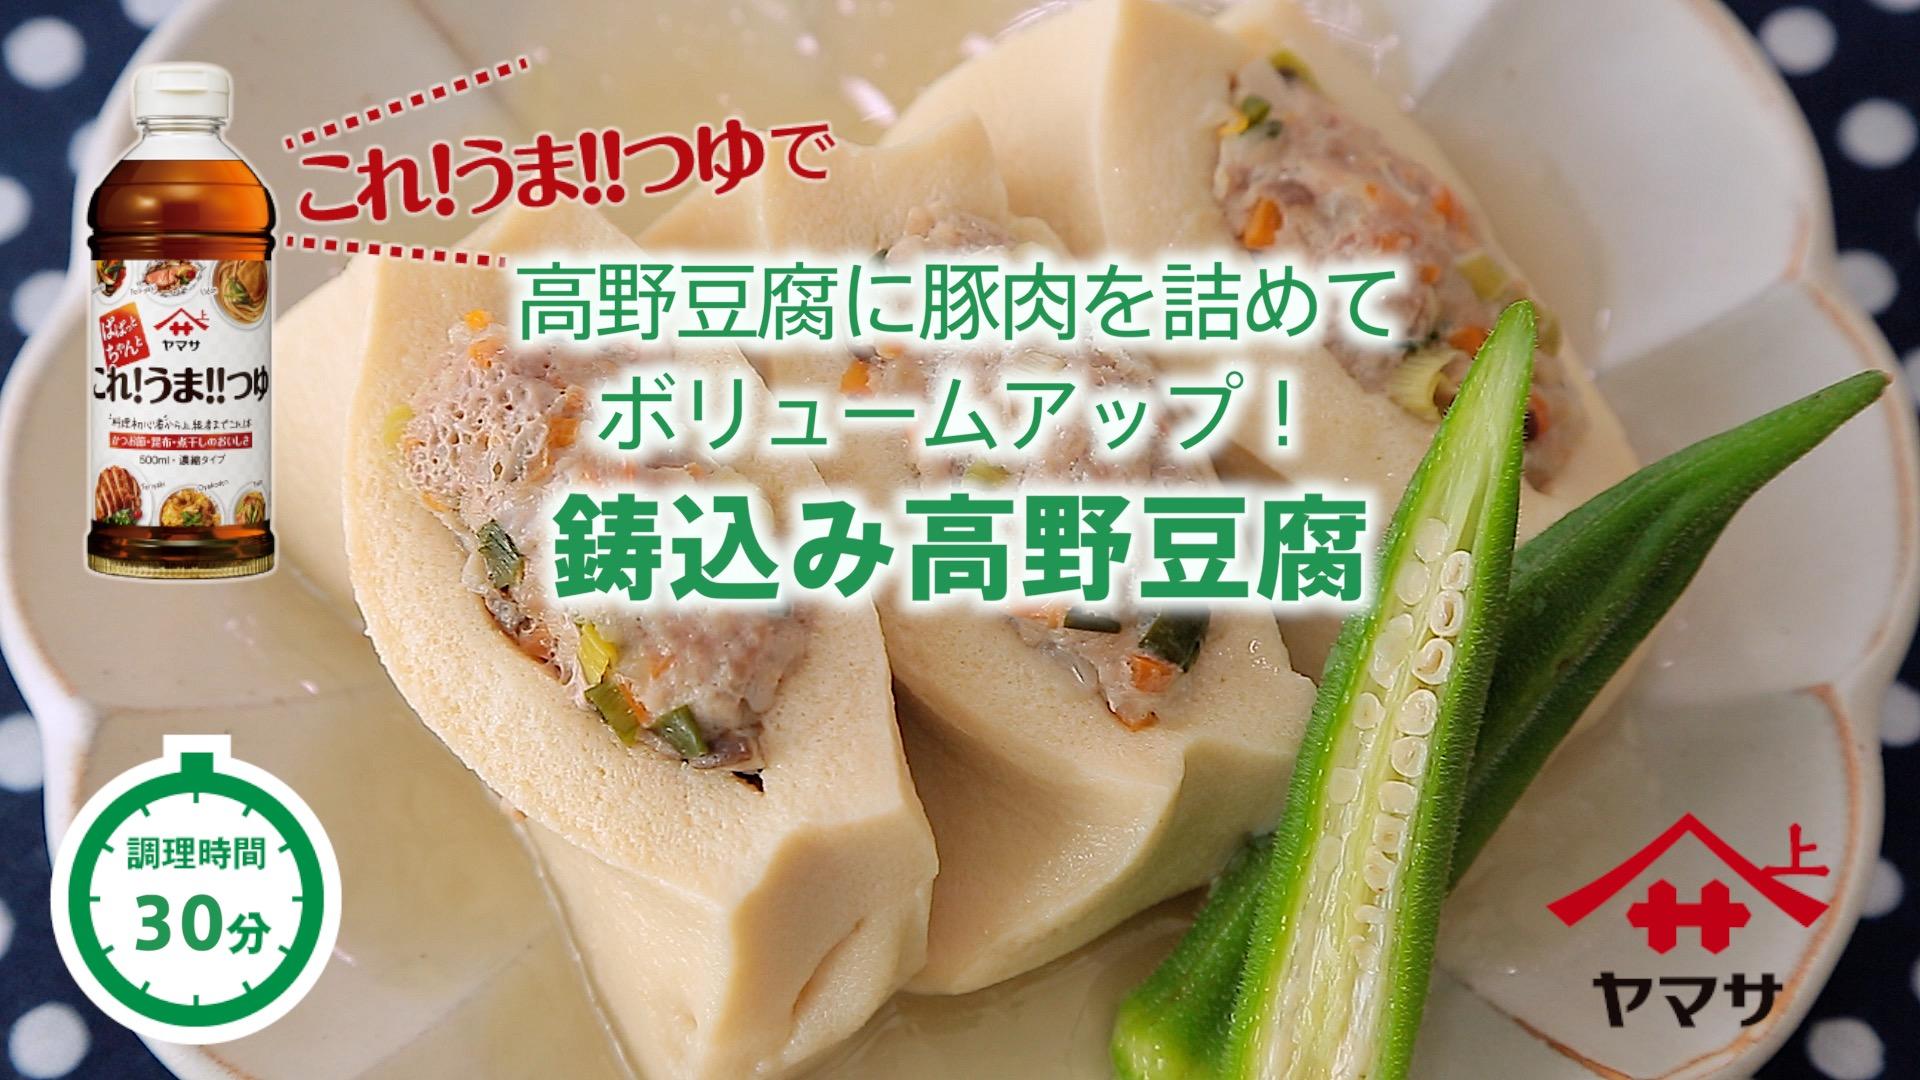 鋳込み高野豆腐